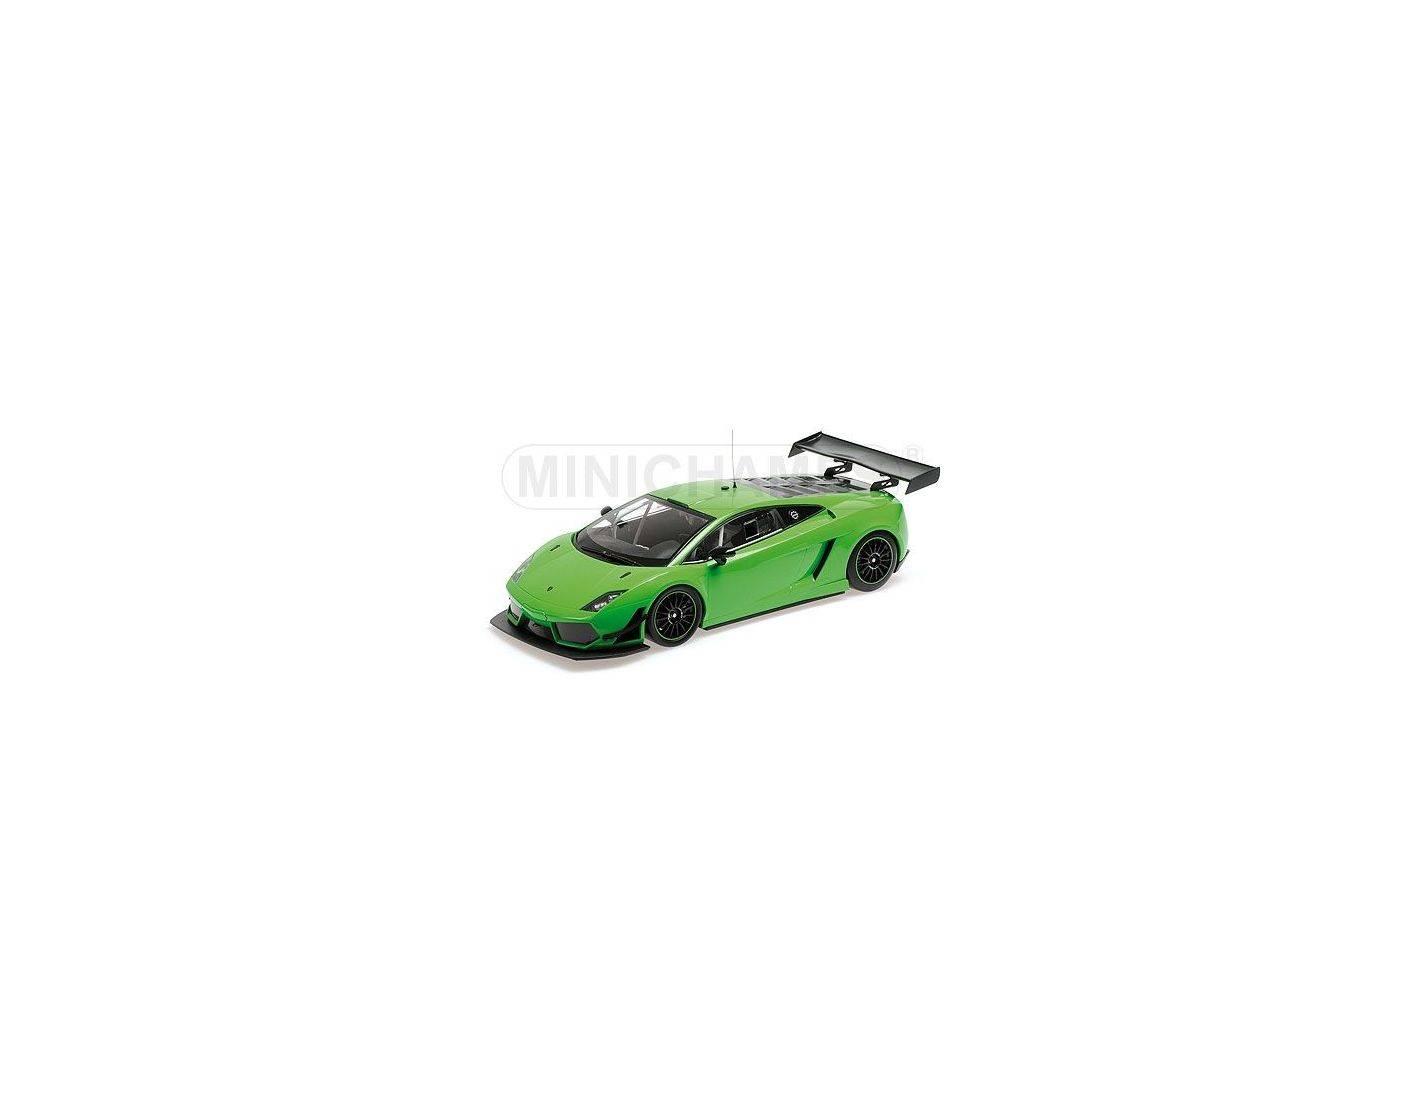 auto 1 18 minichamps 151111101 lamborghini gallardo lp600 gt3 2011 street green modellino. Black Bedroom Furniture Sets. Home Design Ideas